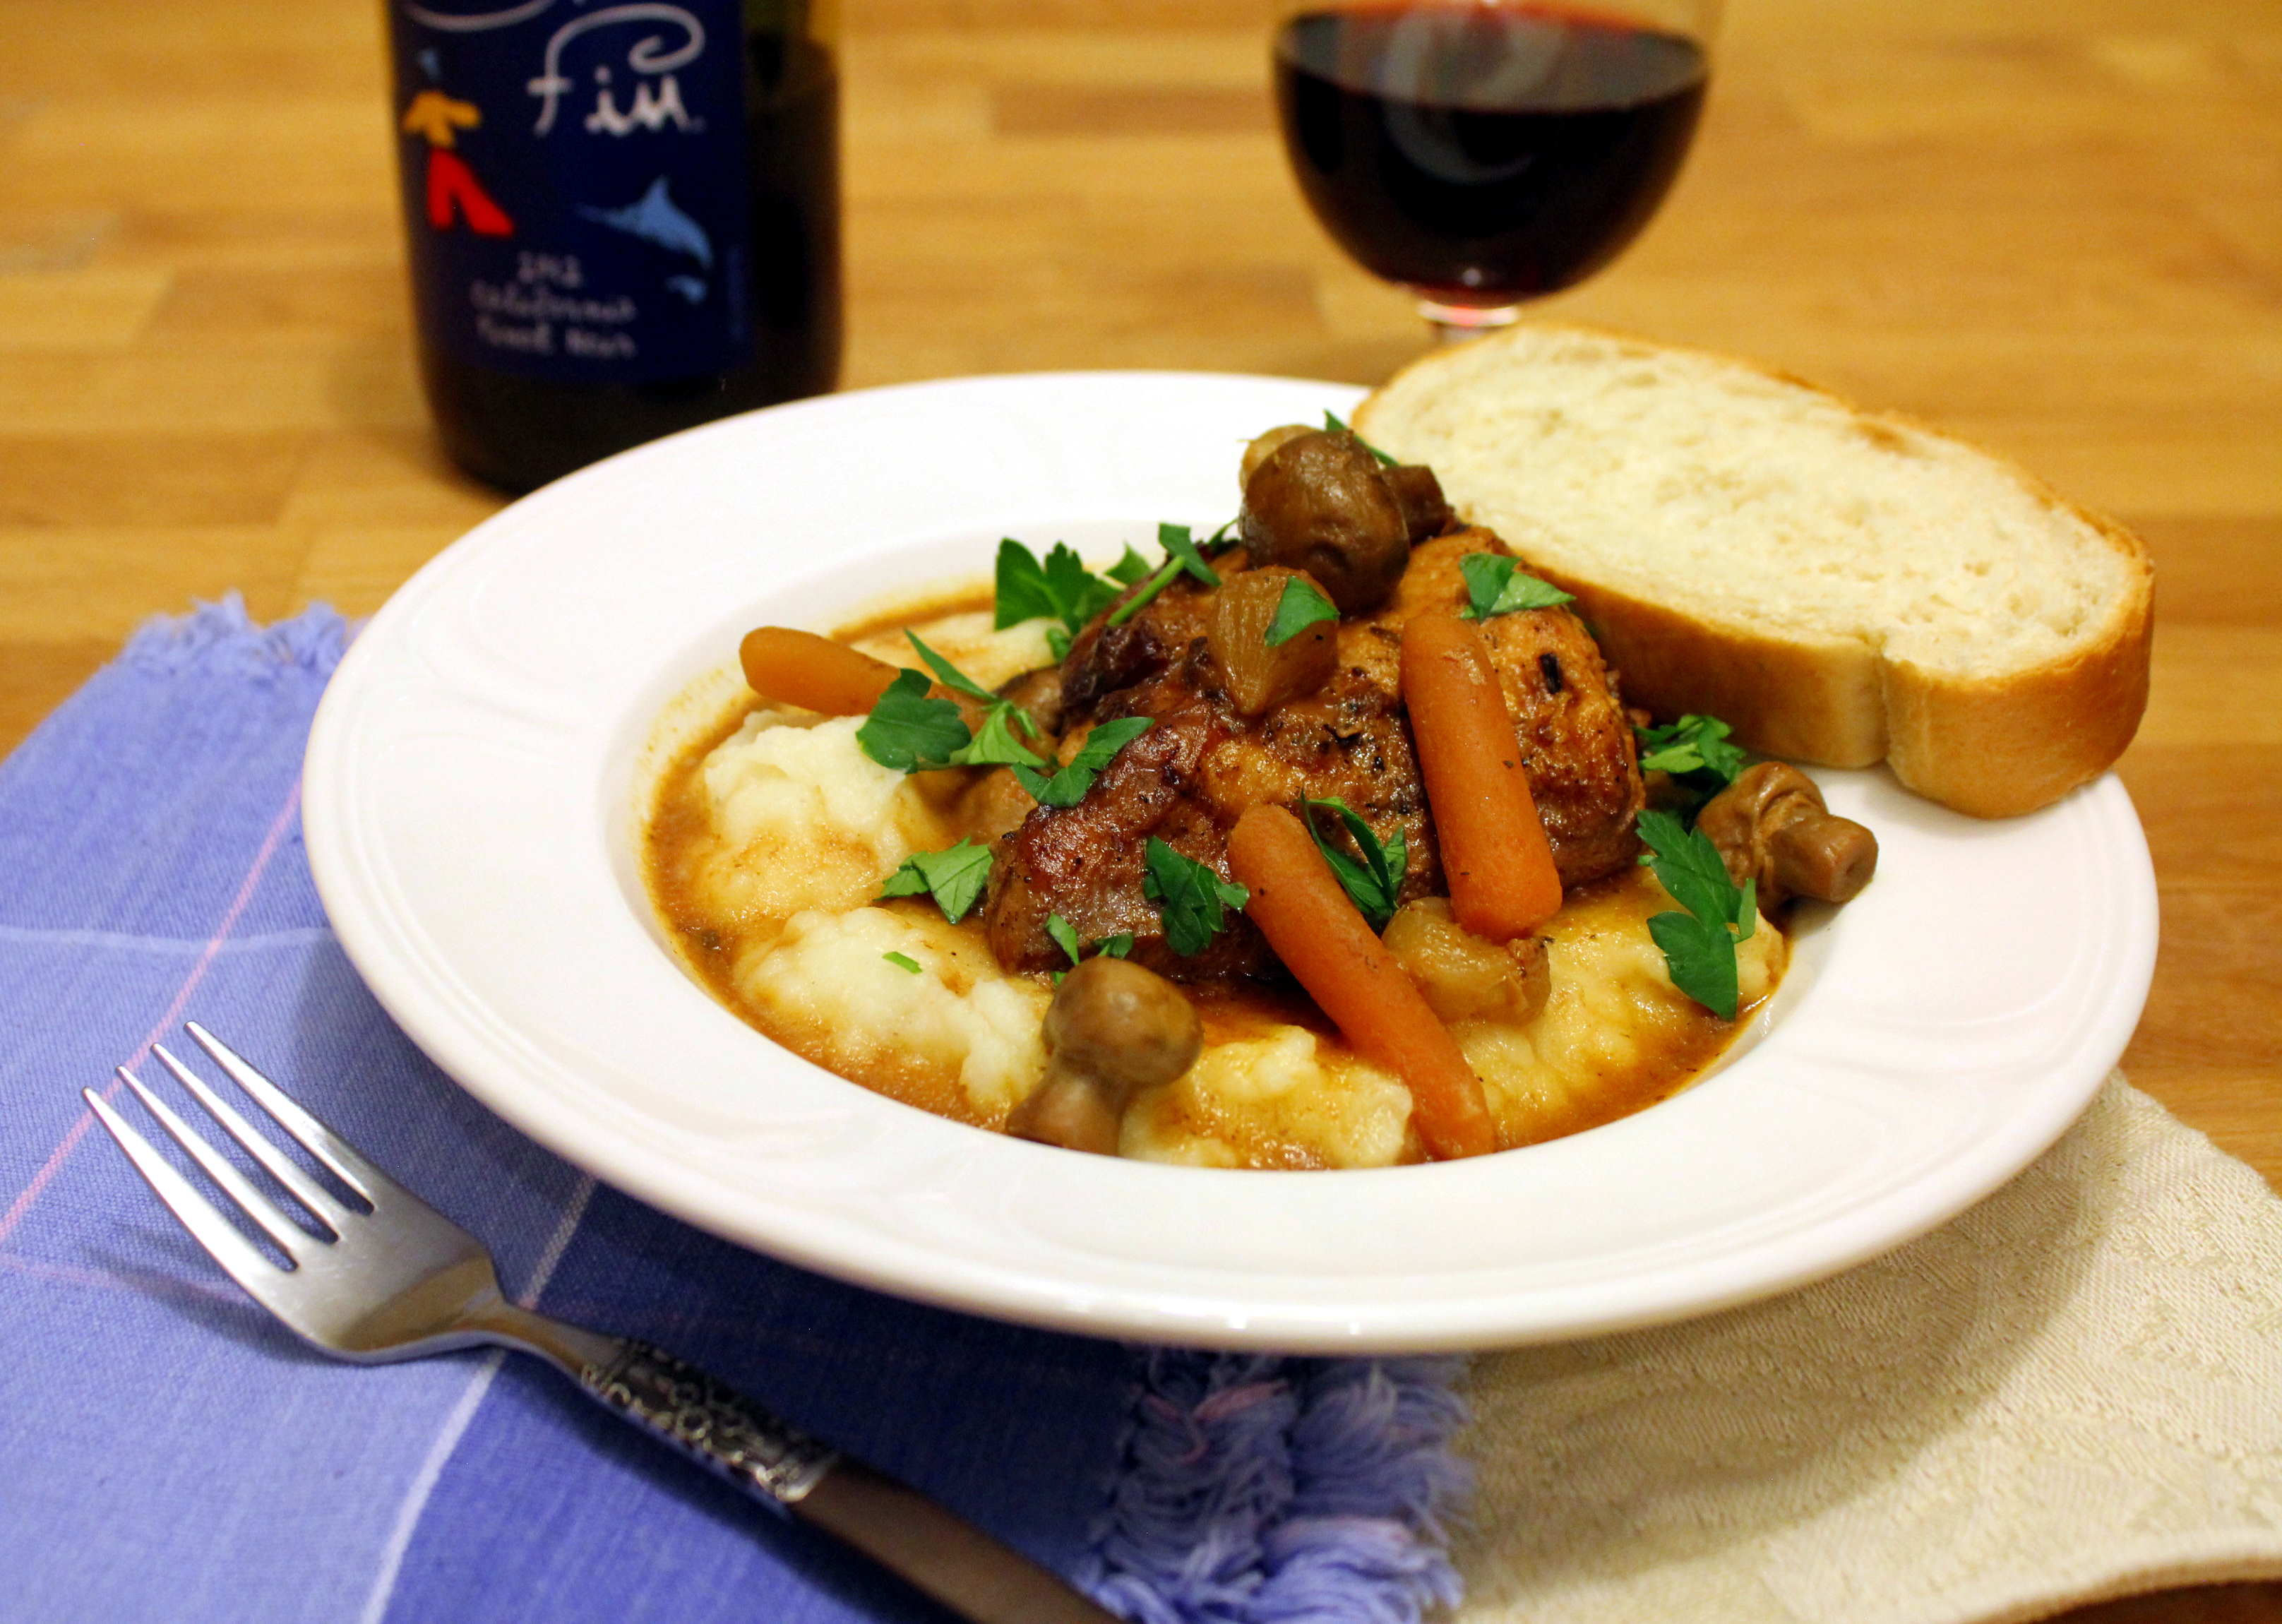 Coq au Vin (Chicken in Wine) | anotherfoodieblogger